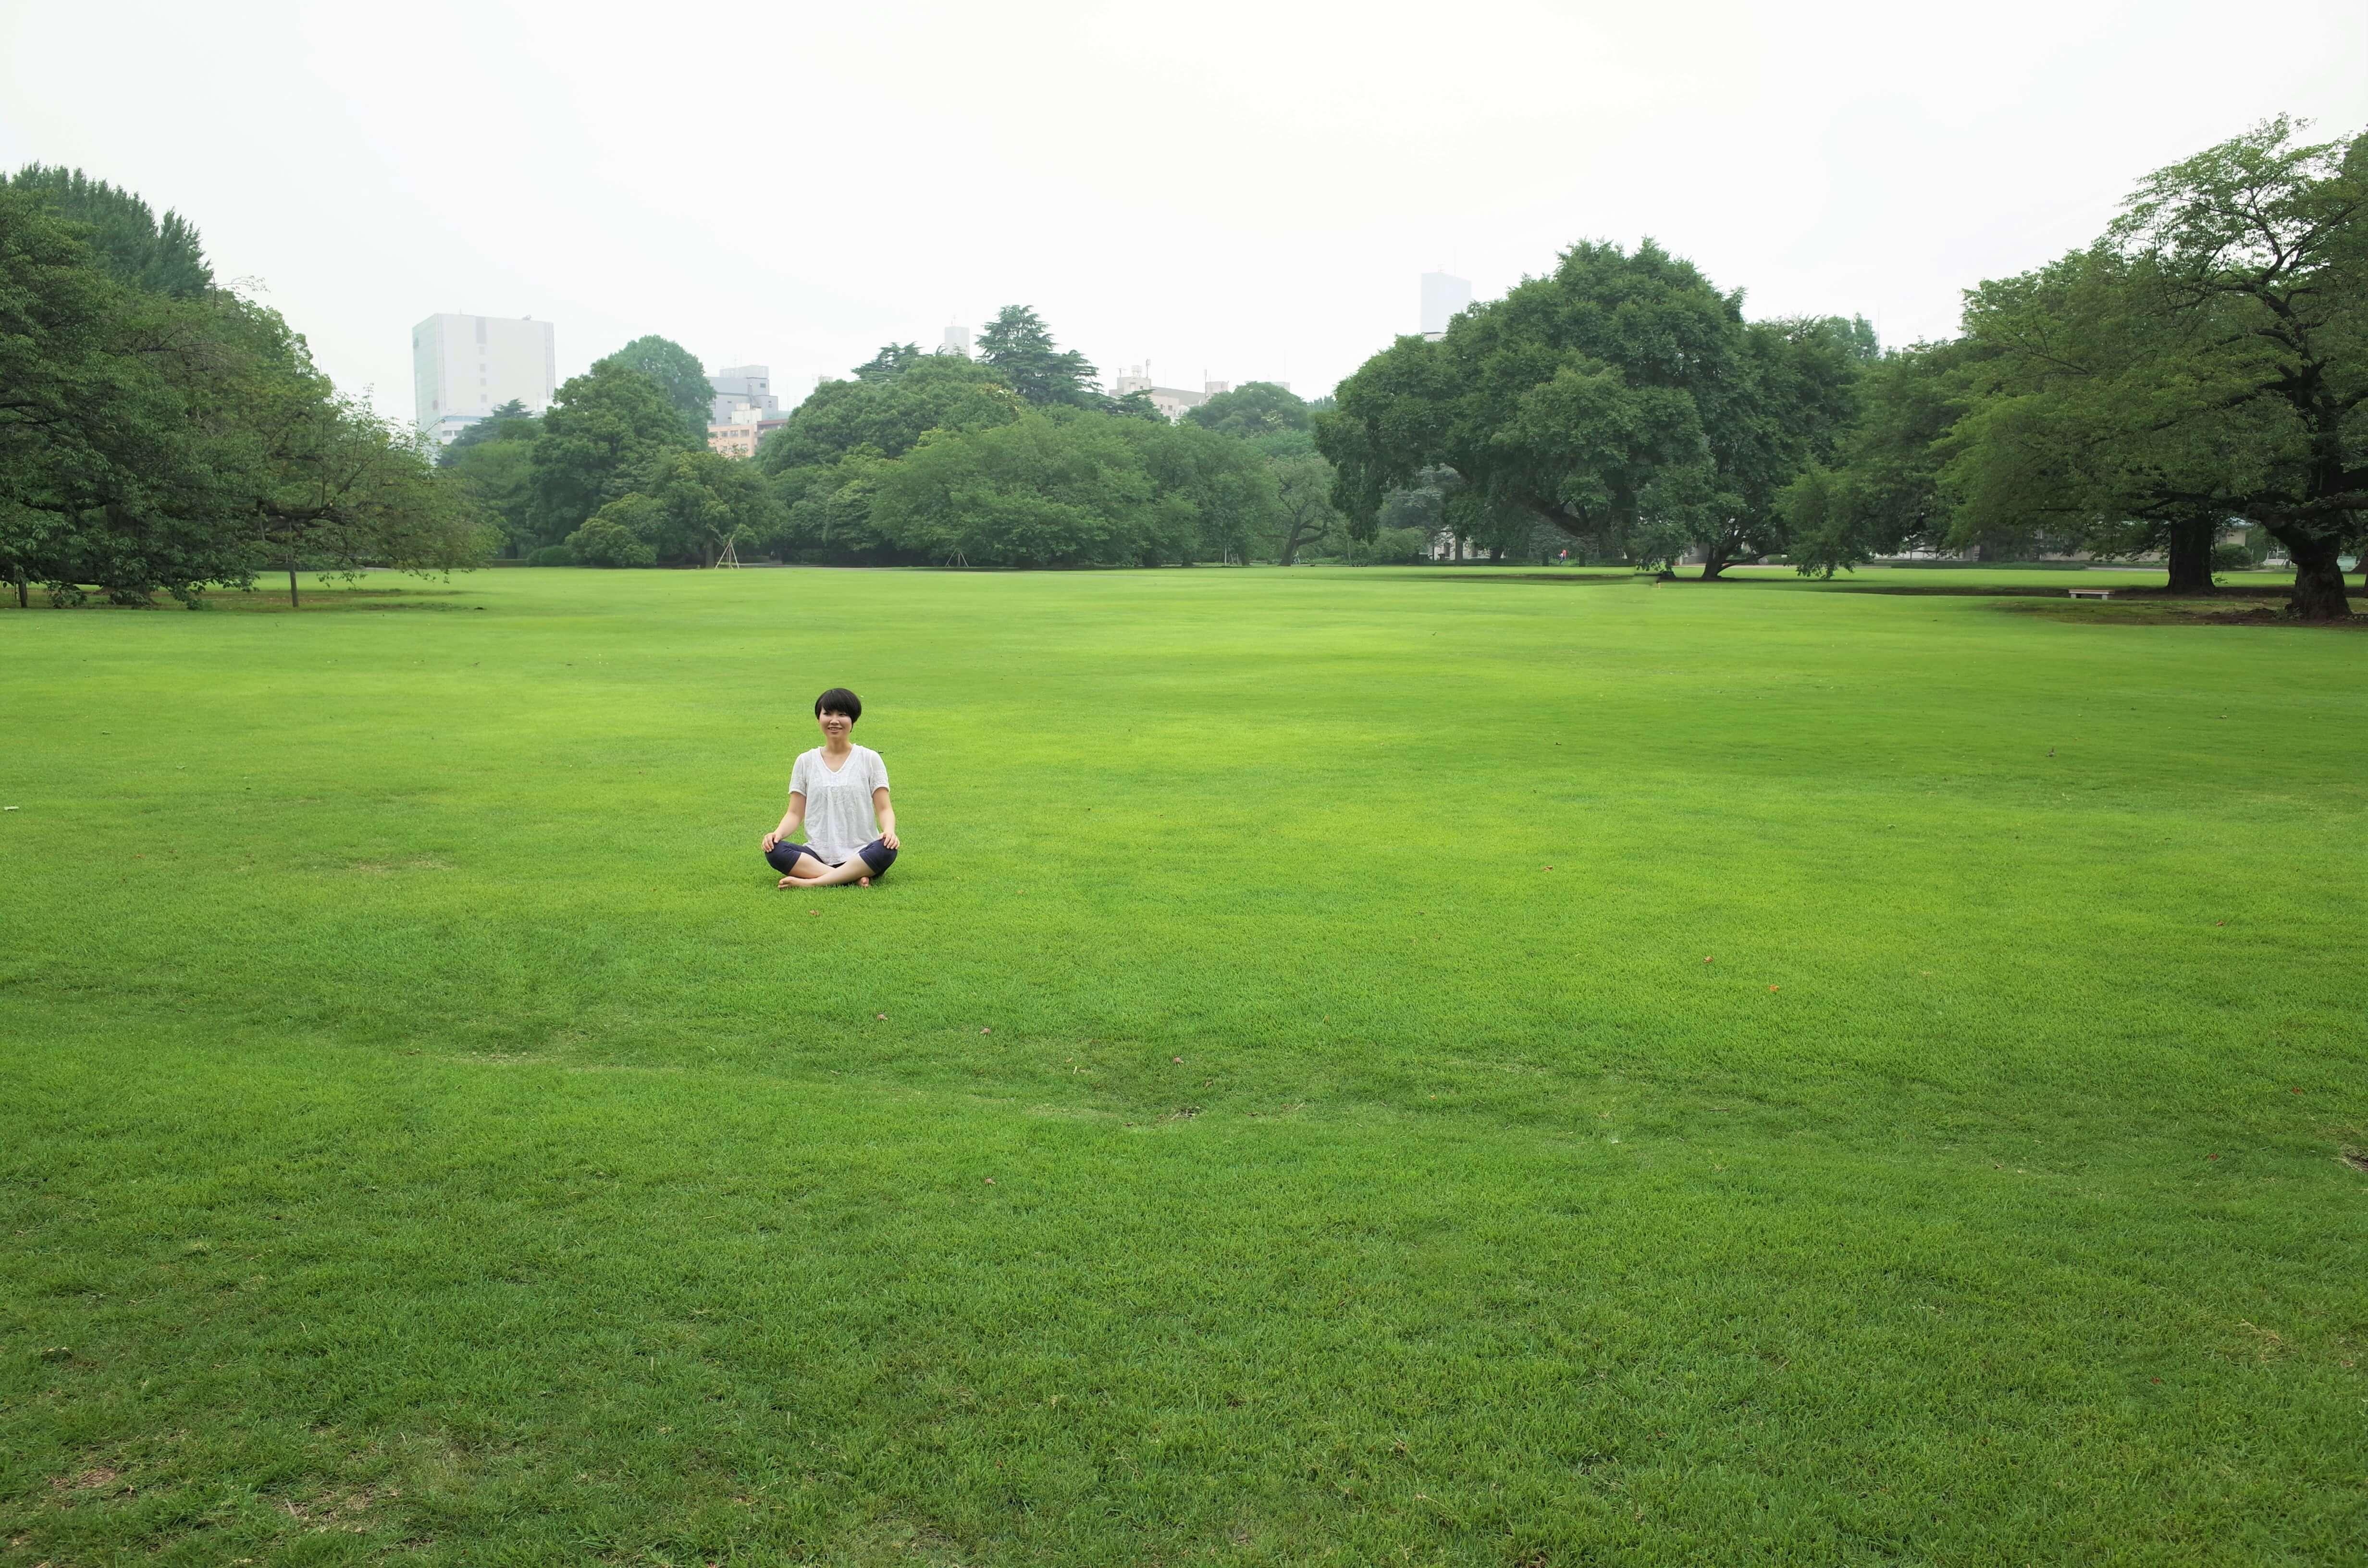 川崎市宮前区のヨガ教室「さぎぬまヨガ」